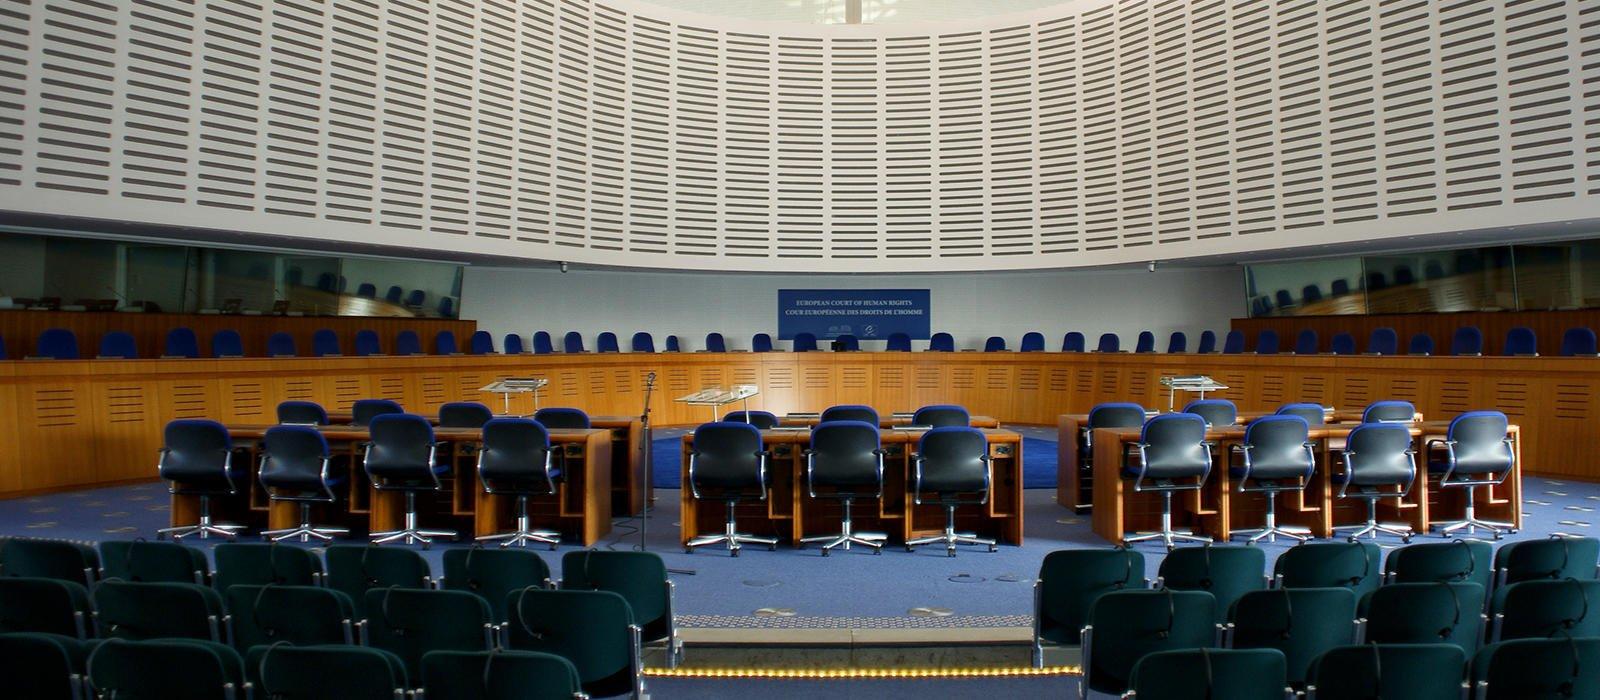 Στο Ευρωδικαστήριο έμπορος ναρκωτικών γιατί μυστικοί αστυνομικοί αποκάλυψαν τη δράση του!